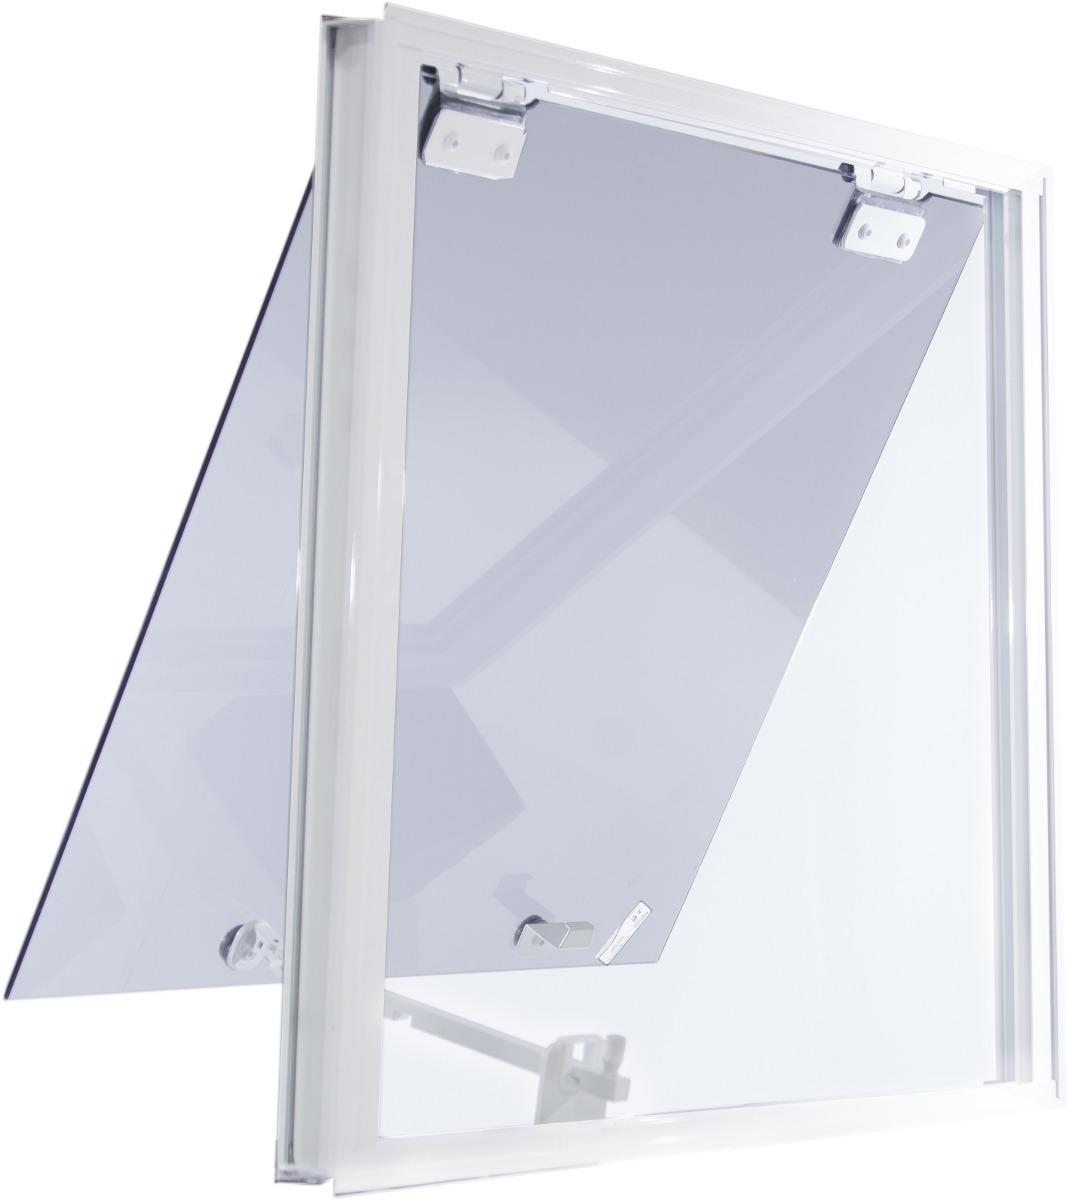 #313147  Tipo Blindex Aluminio Branco Verde R$ 189 00 em Mercado Livre 1688 Janela De Aluminio Mercado Livre